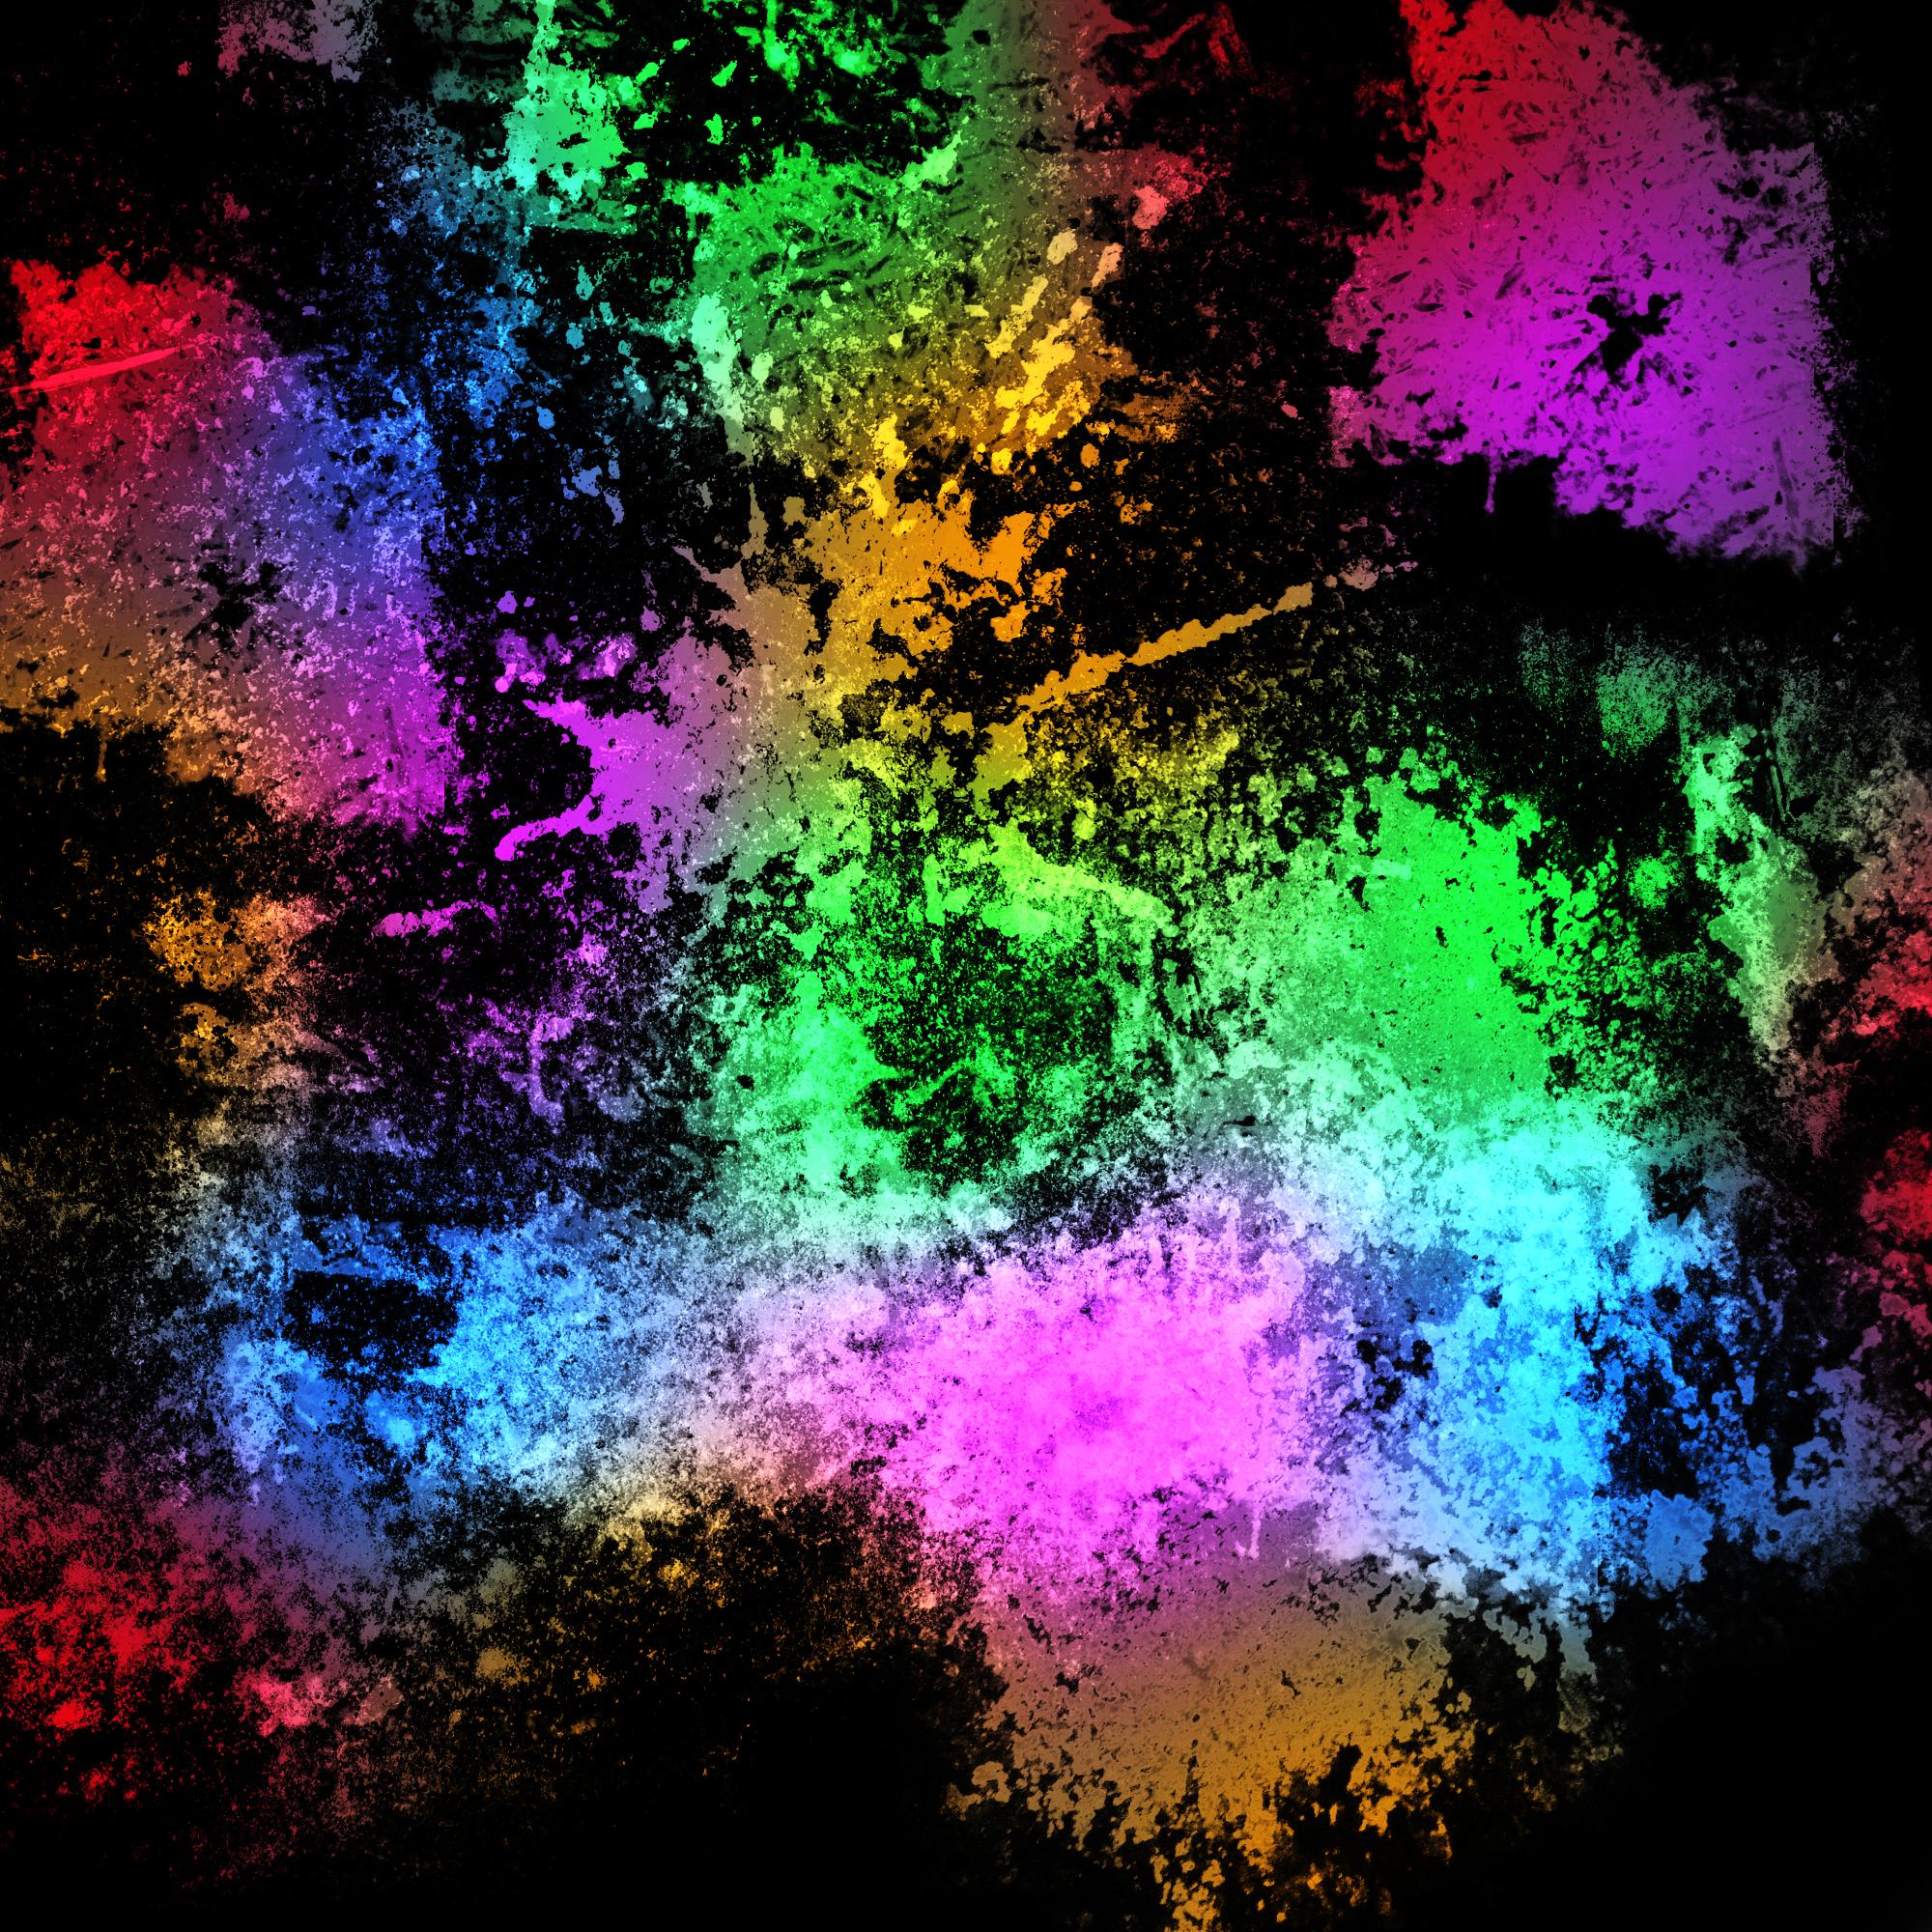 neon grafitti stuff (2000x2000)